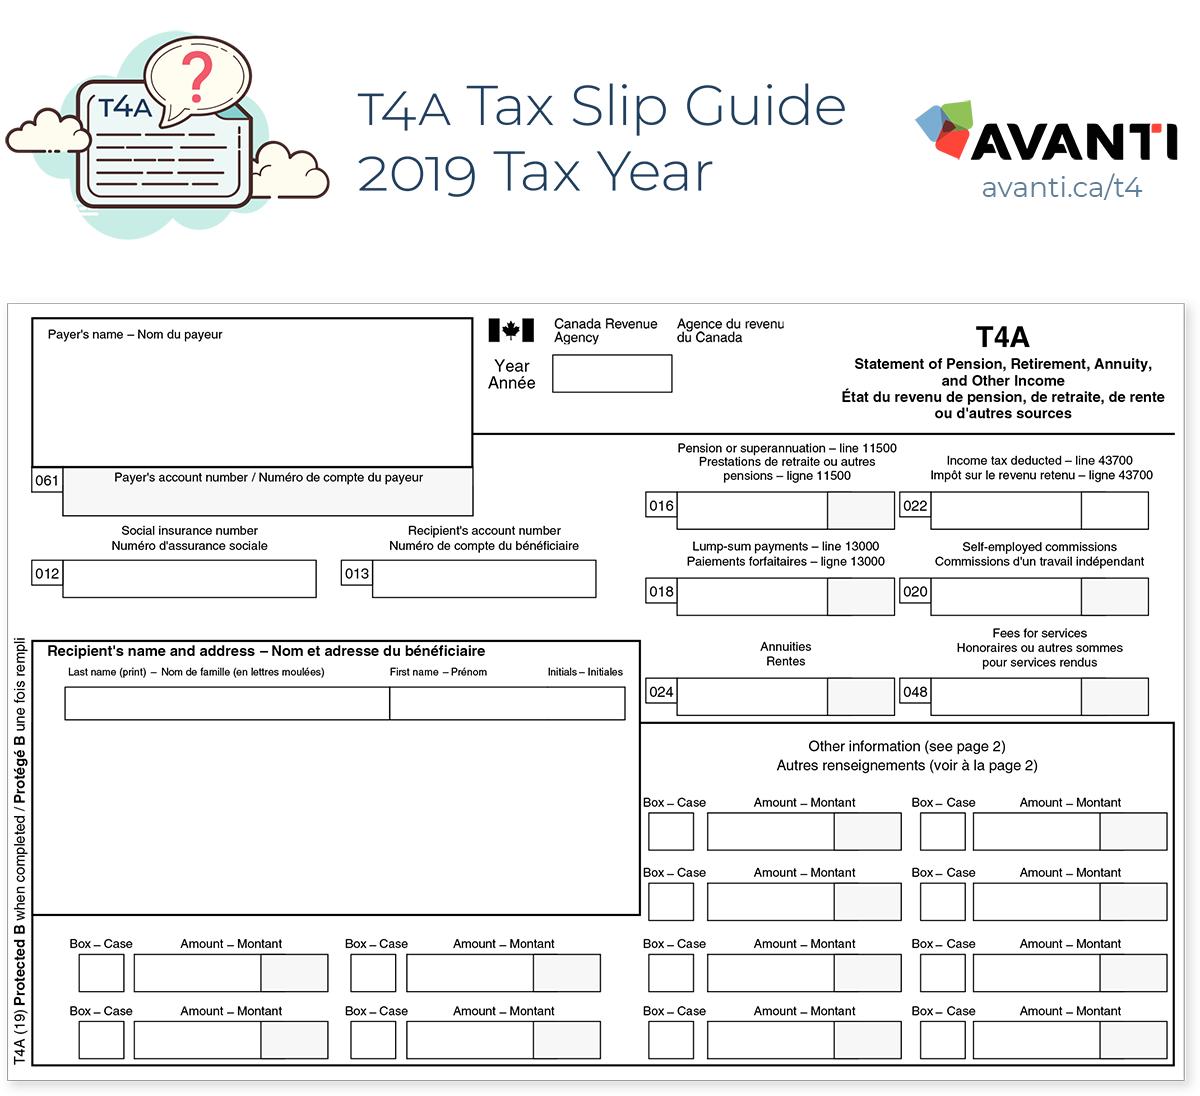 T4A Tax Slip Guide